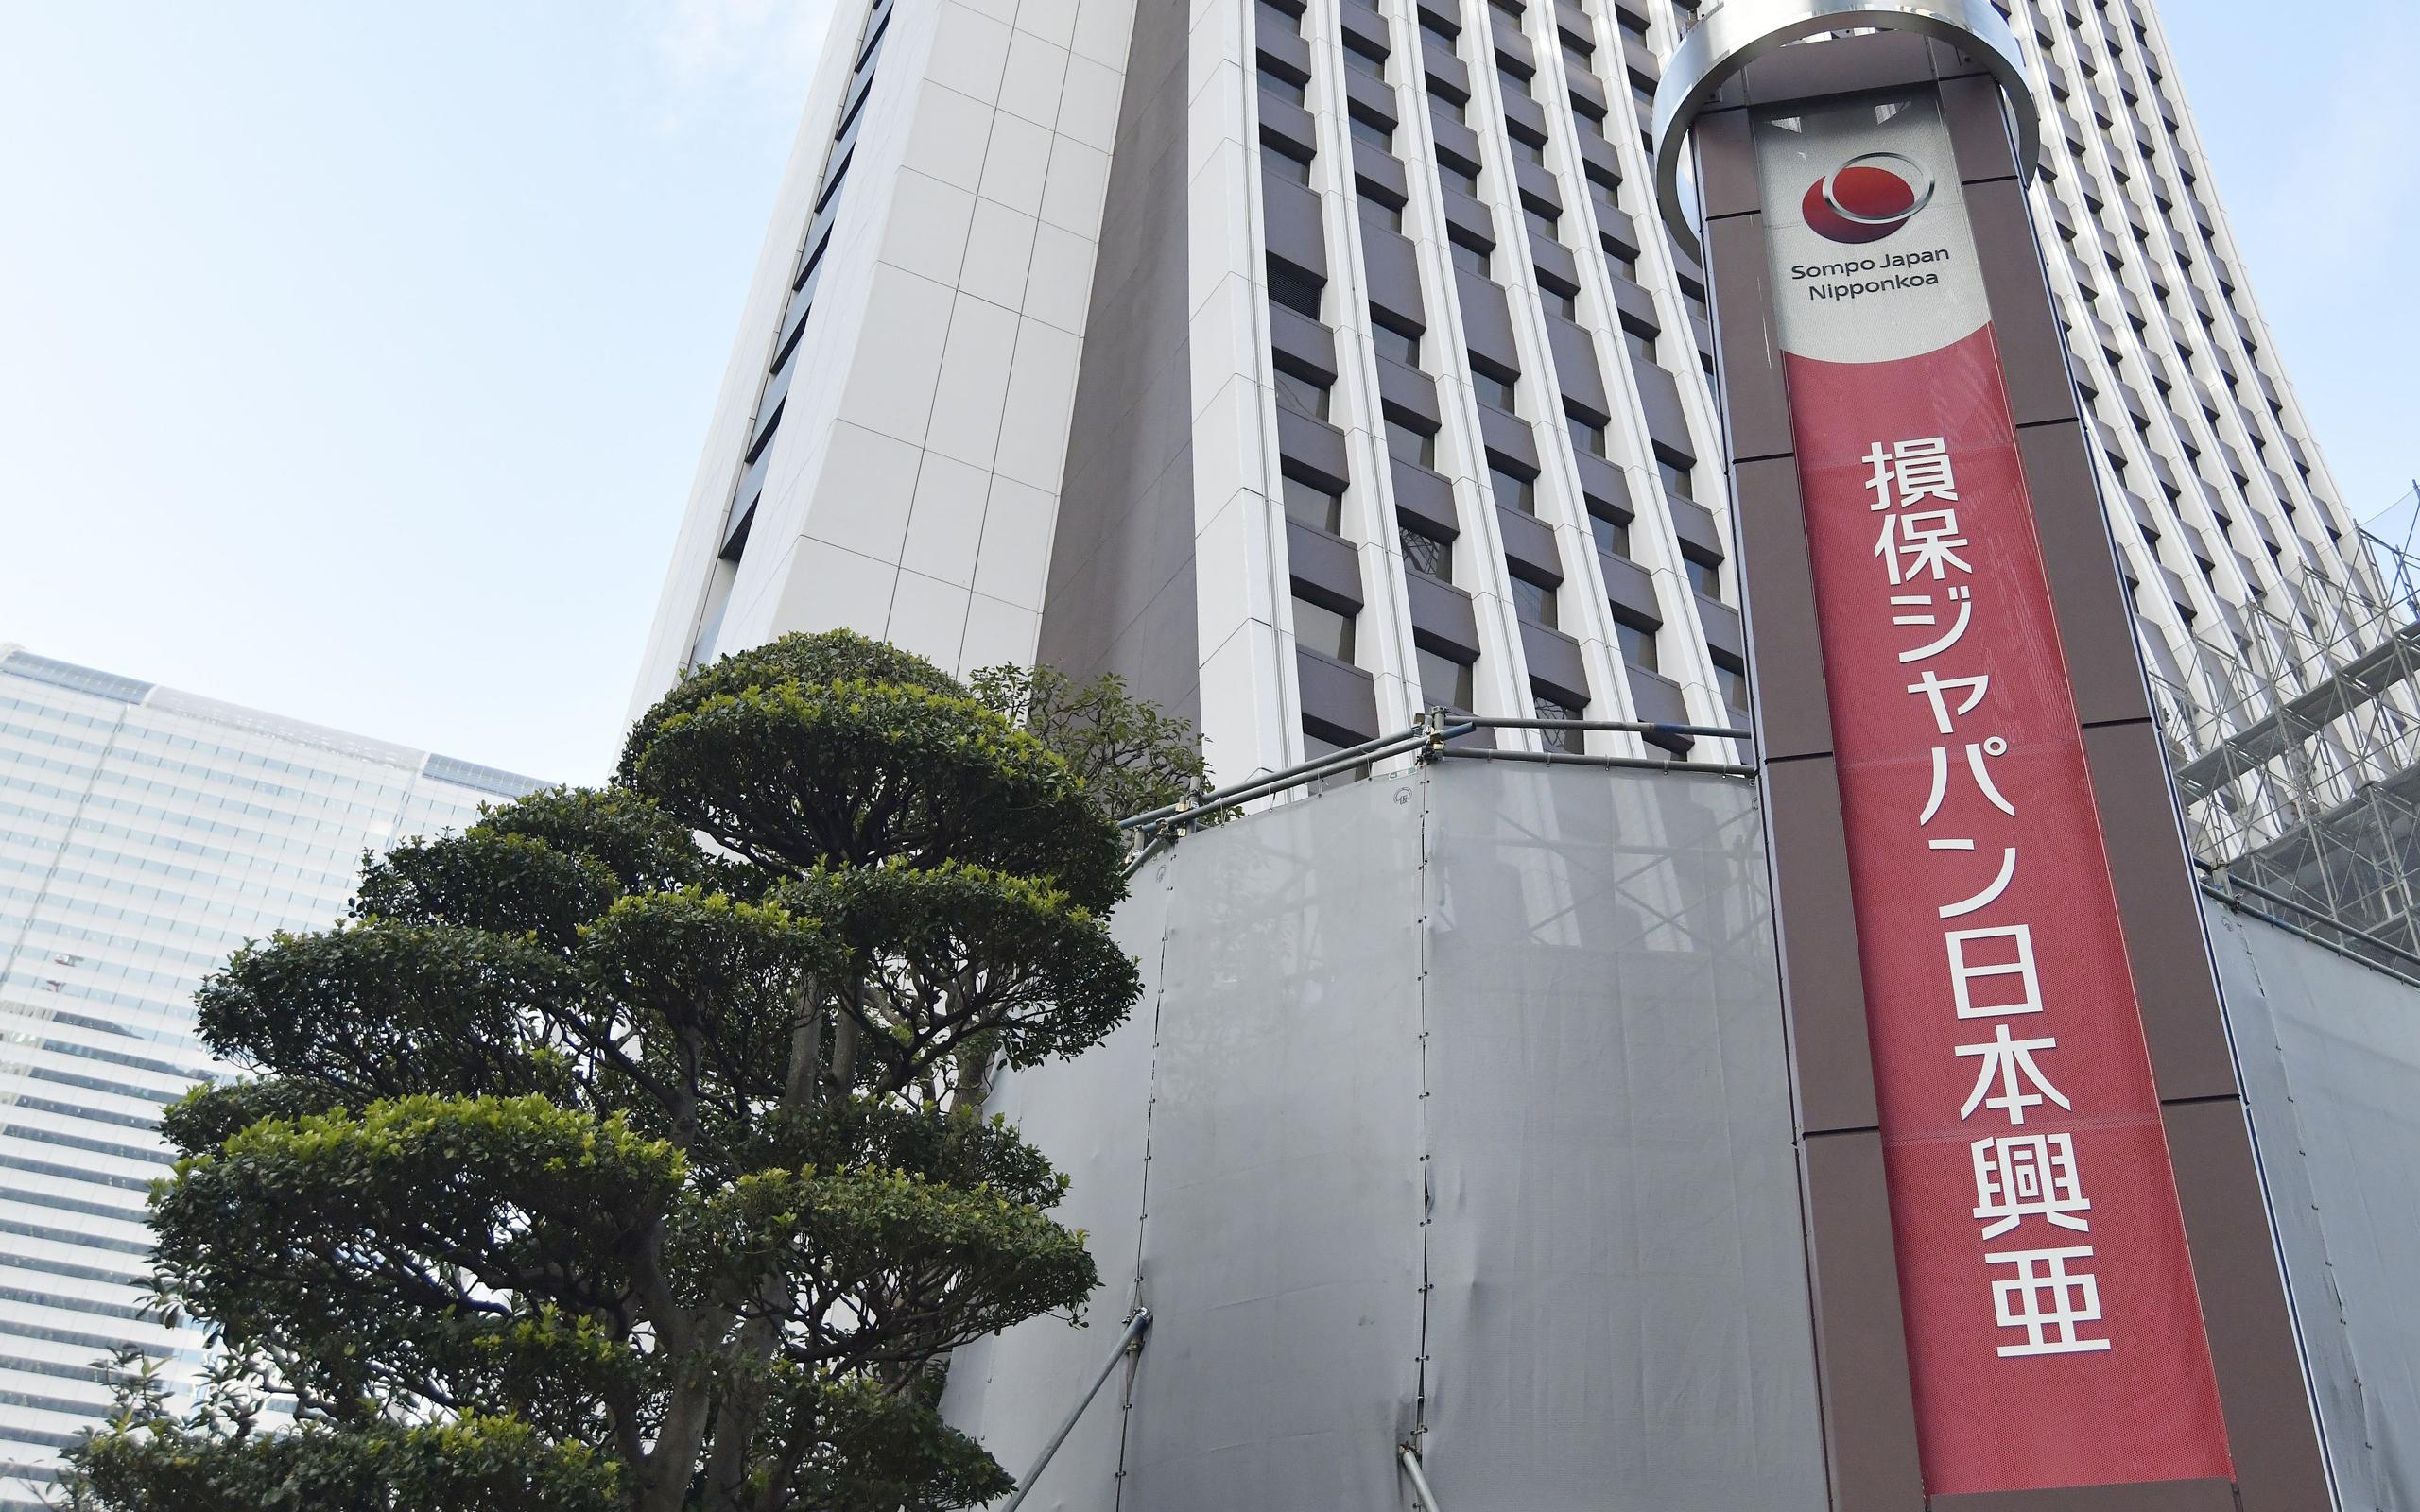 岩崎家が激怒して残った「三菱銀行」のブランドと、財閥名にこだわらない三井の違い